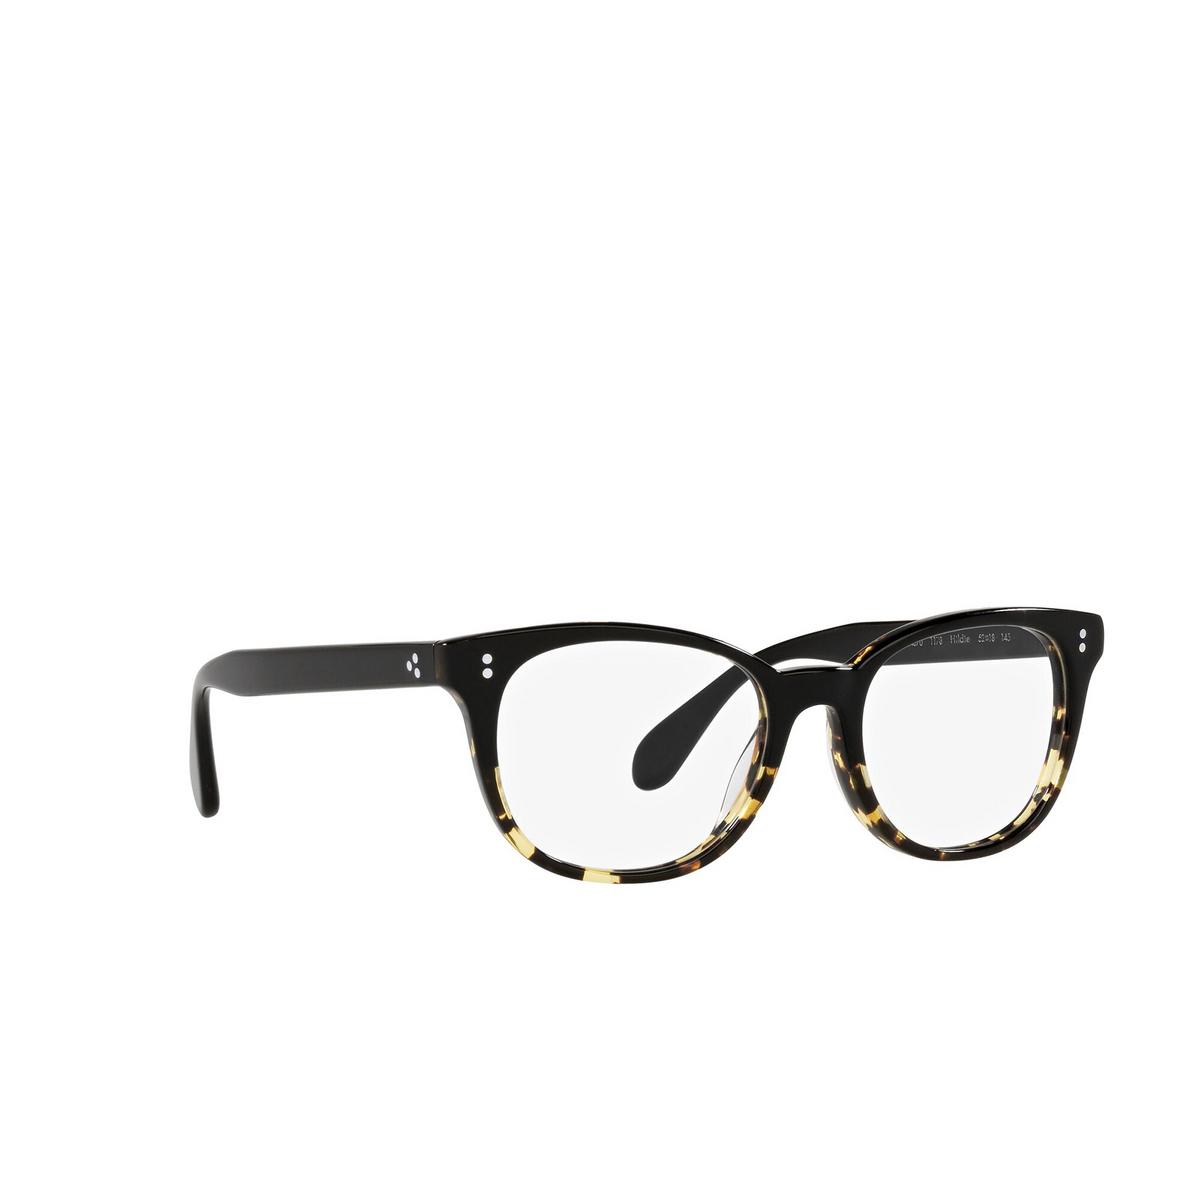 Oliver Peoples® Cat-eye Eyeglasses: Hildie OV5457U color Black / Dtbk Gradient 1178 - three-quarters view.